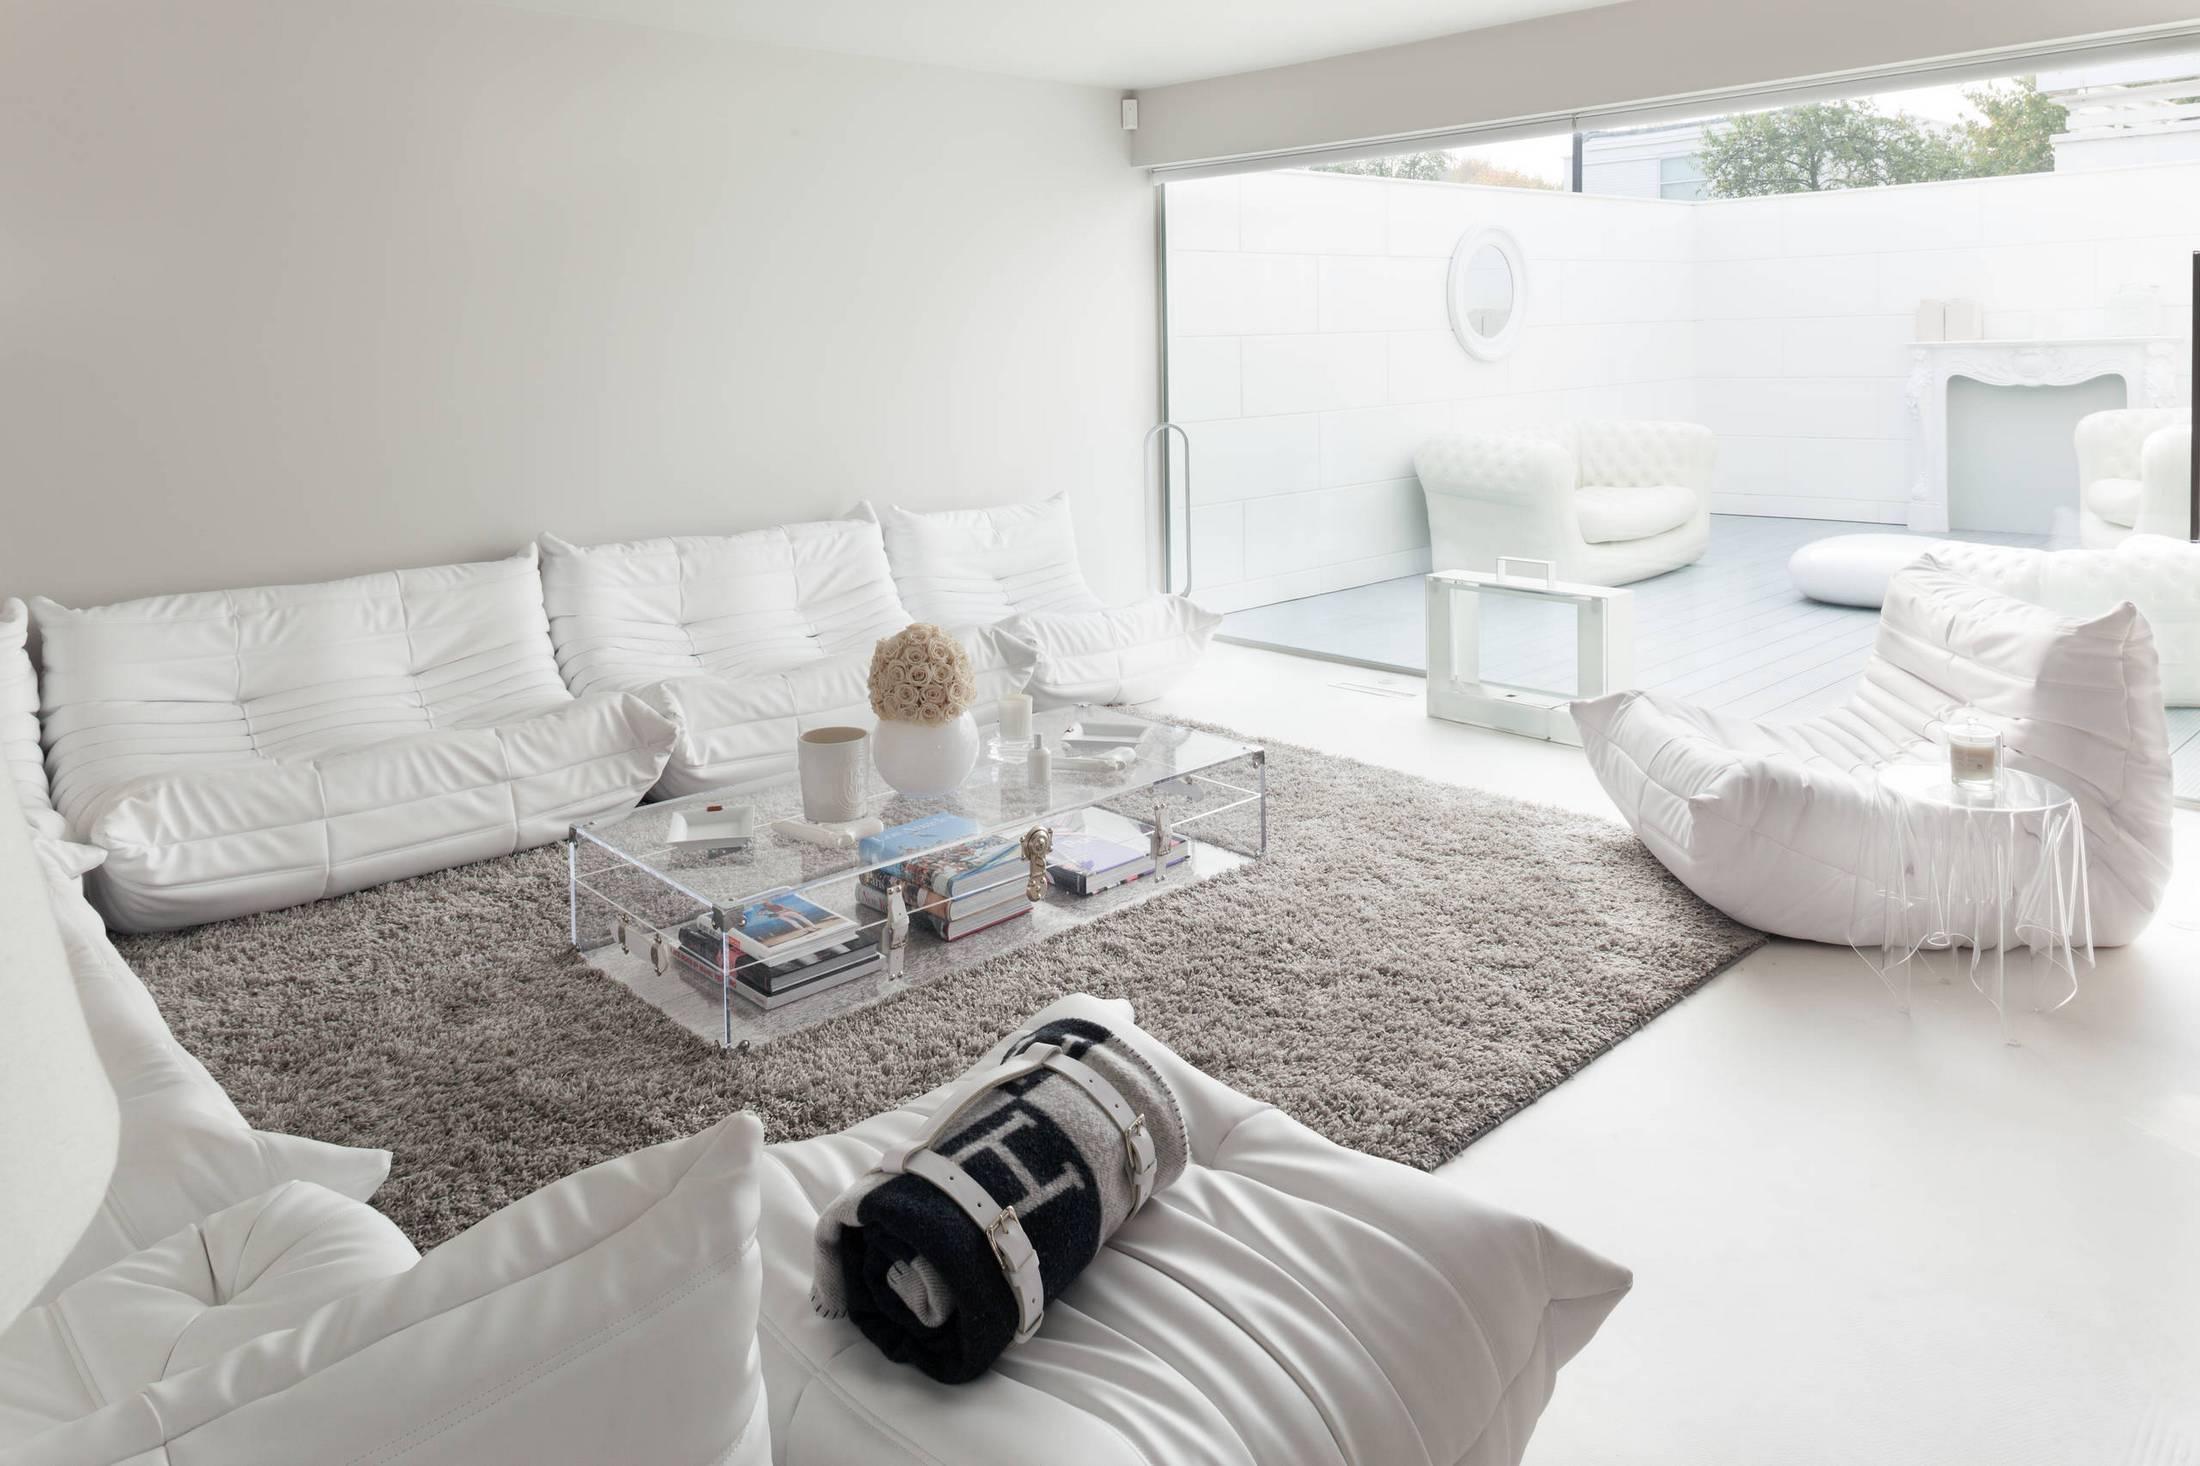 La gamme gris-blanc à l'intérieur crée une sensation de détente